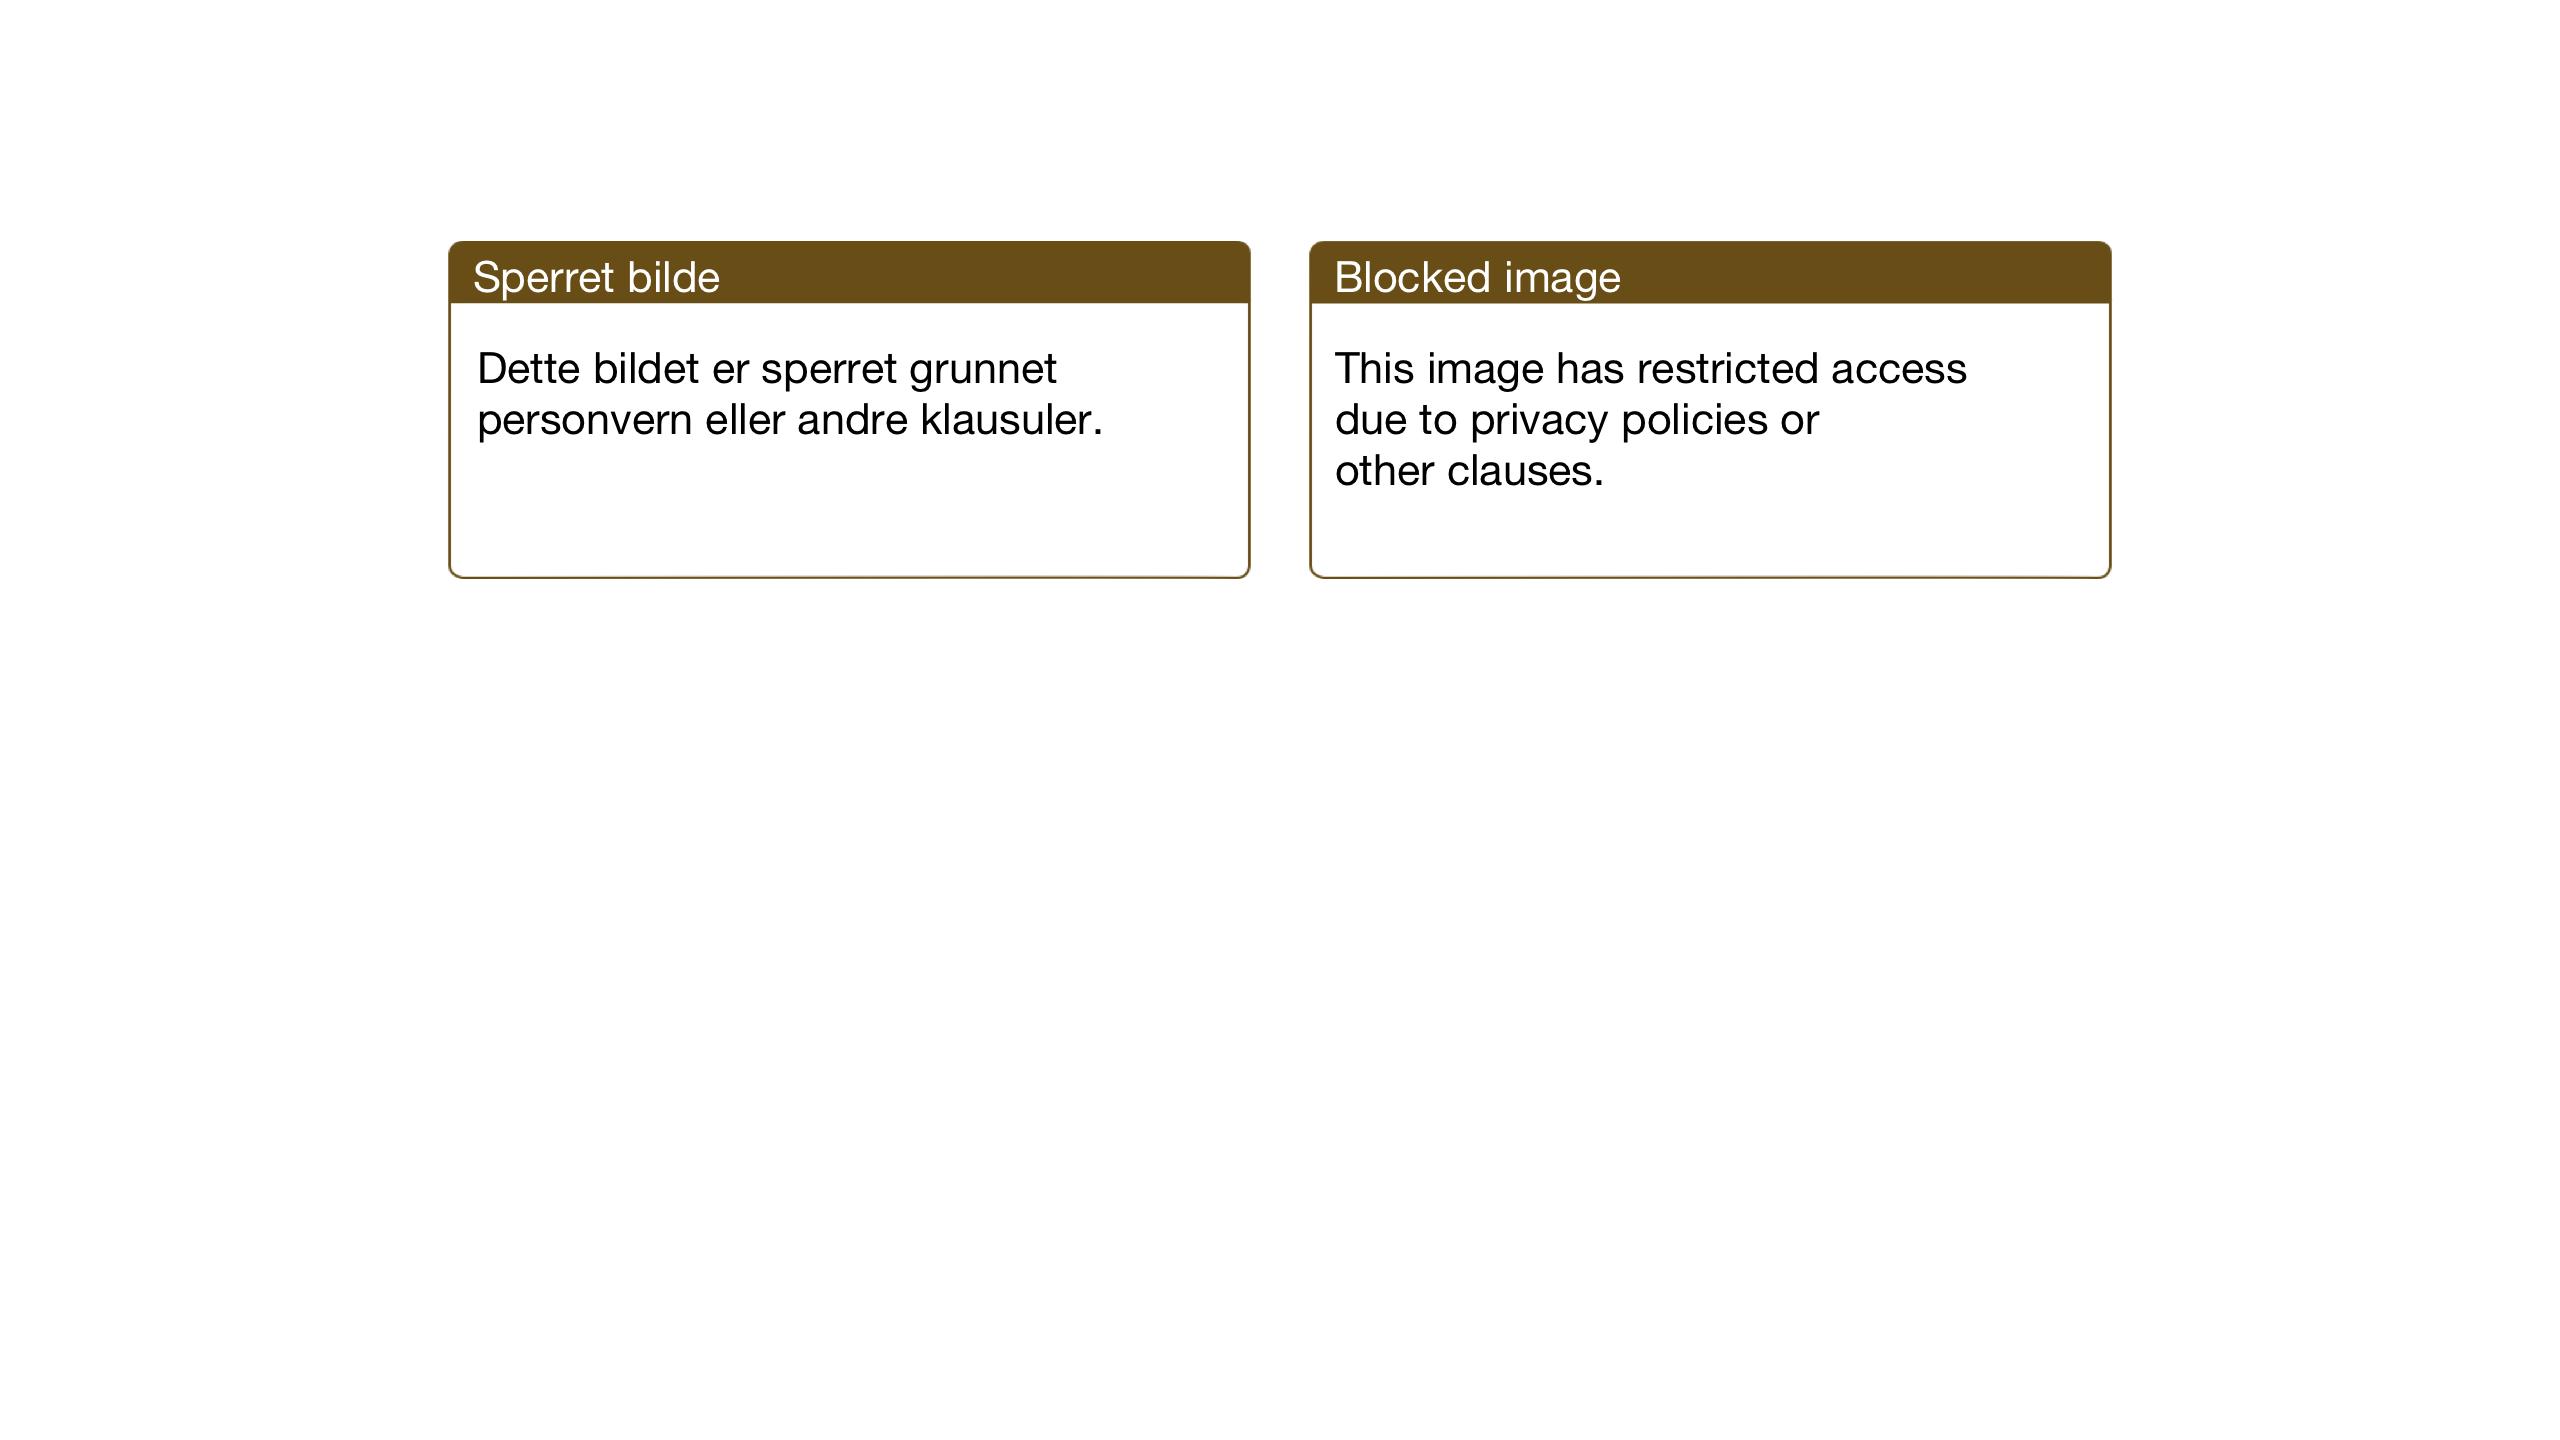 SAT, Ministerialprotokoller, klokkerbøker og fødselsregistre - Sør-Trøndelag, 681/L0943: Klokkerbok nr. 681C07, 1926-1954, s. 177